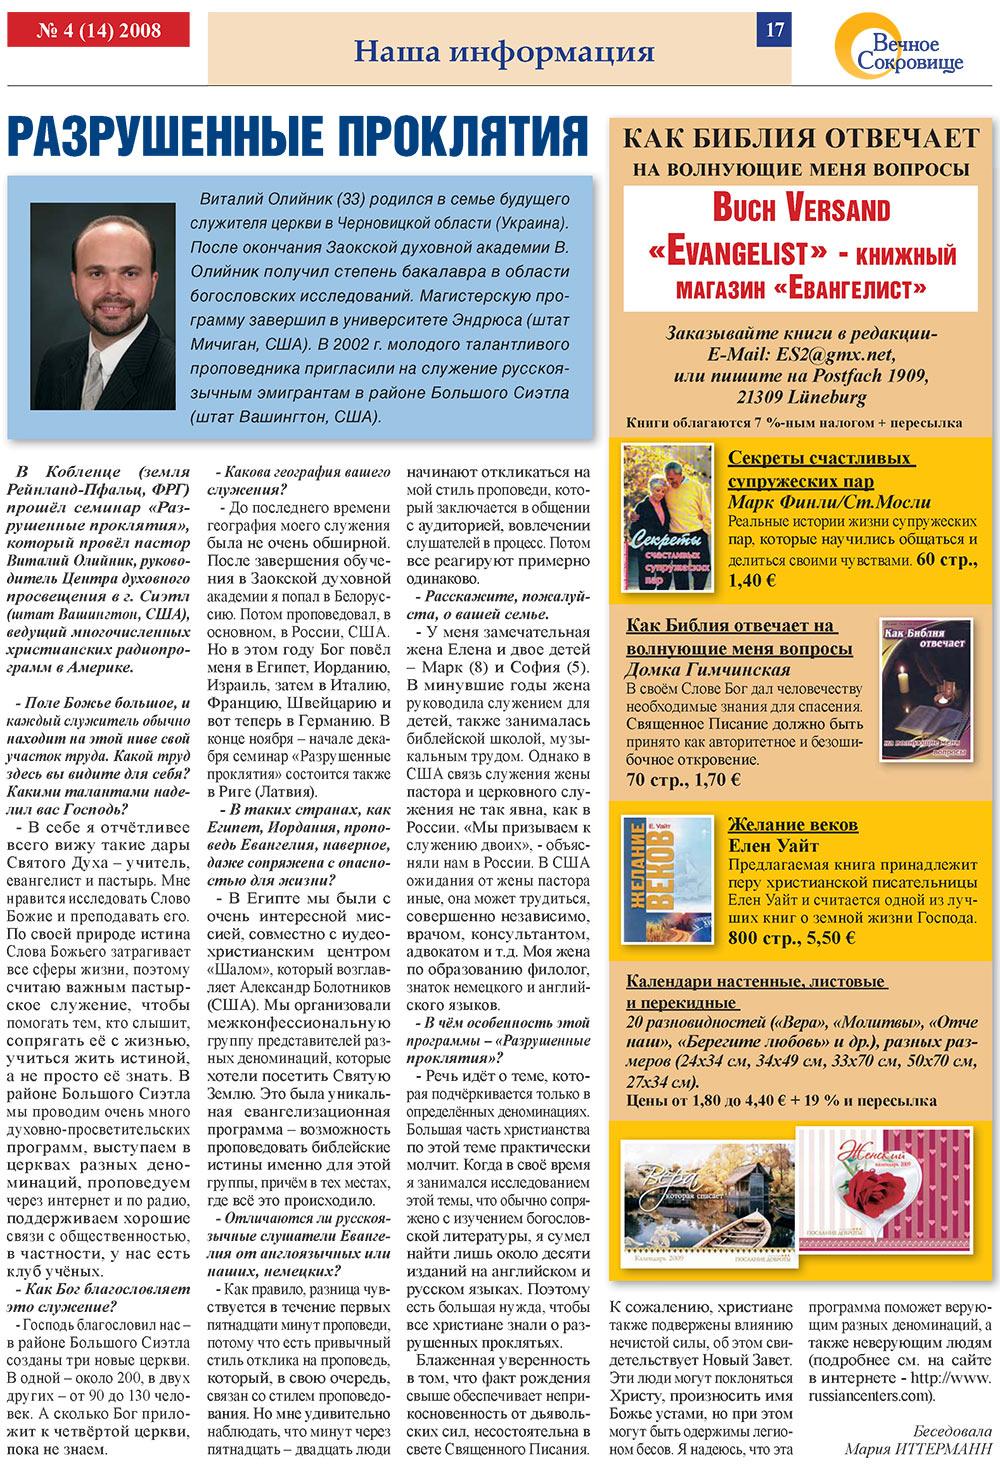 Вечное сокровище (газета). 2008 год, номер 4, стр. 17